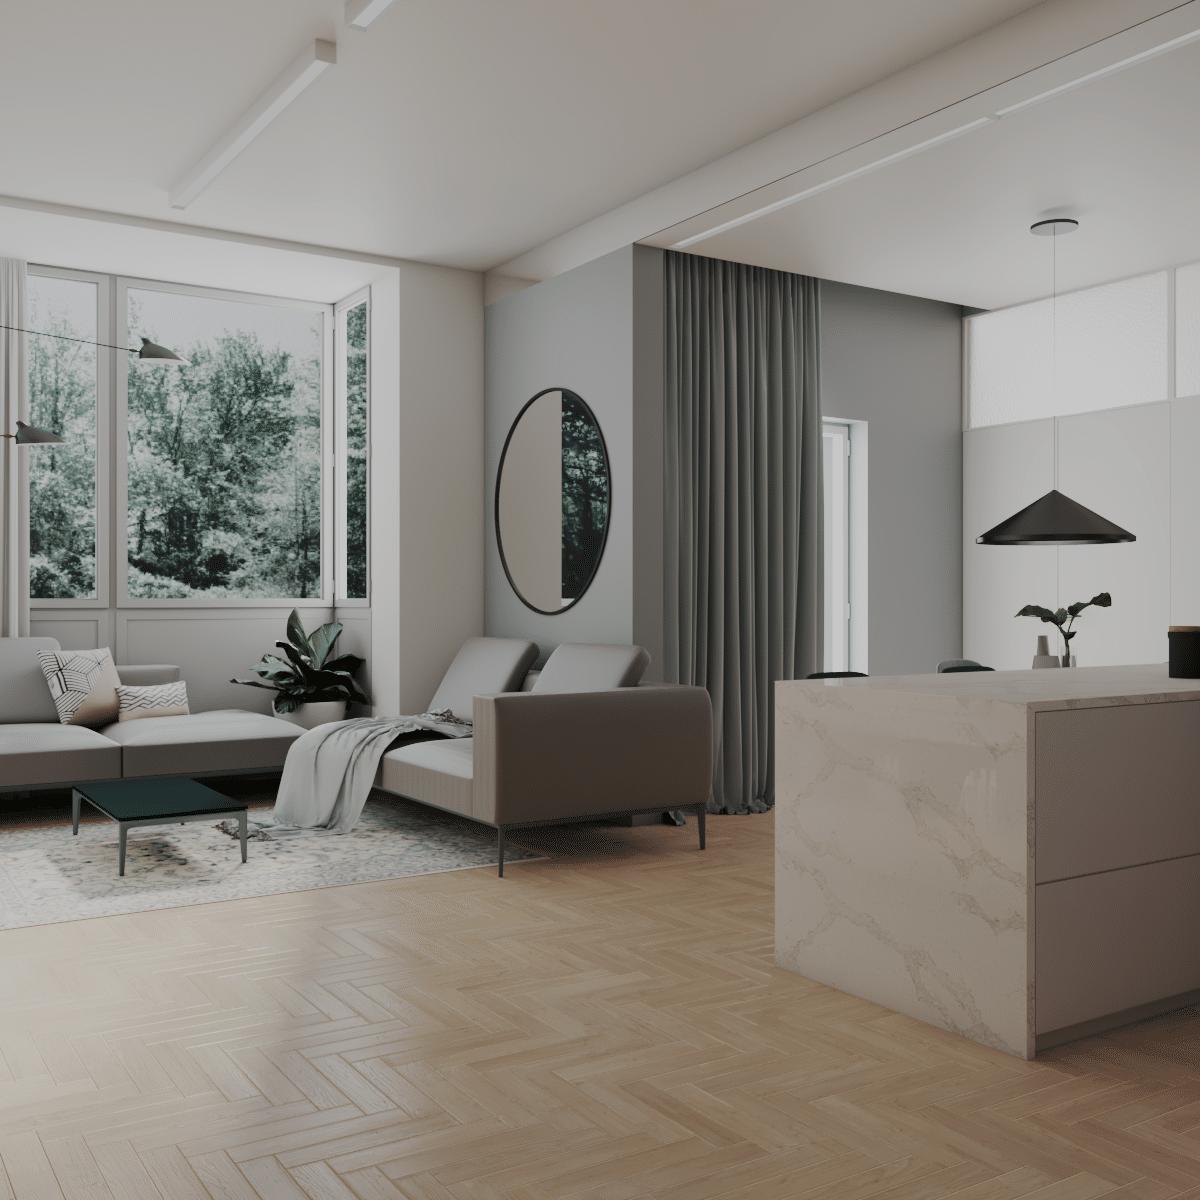 Mieszkanie wPoznaniu wykonane przezbiuro projektowe wPoznaniu